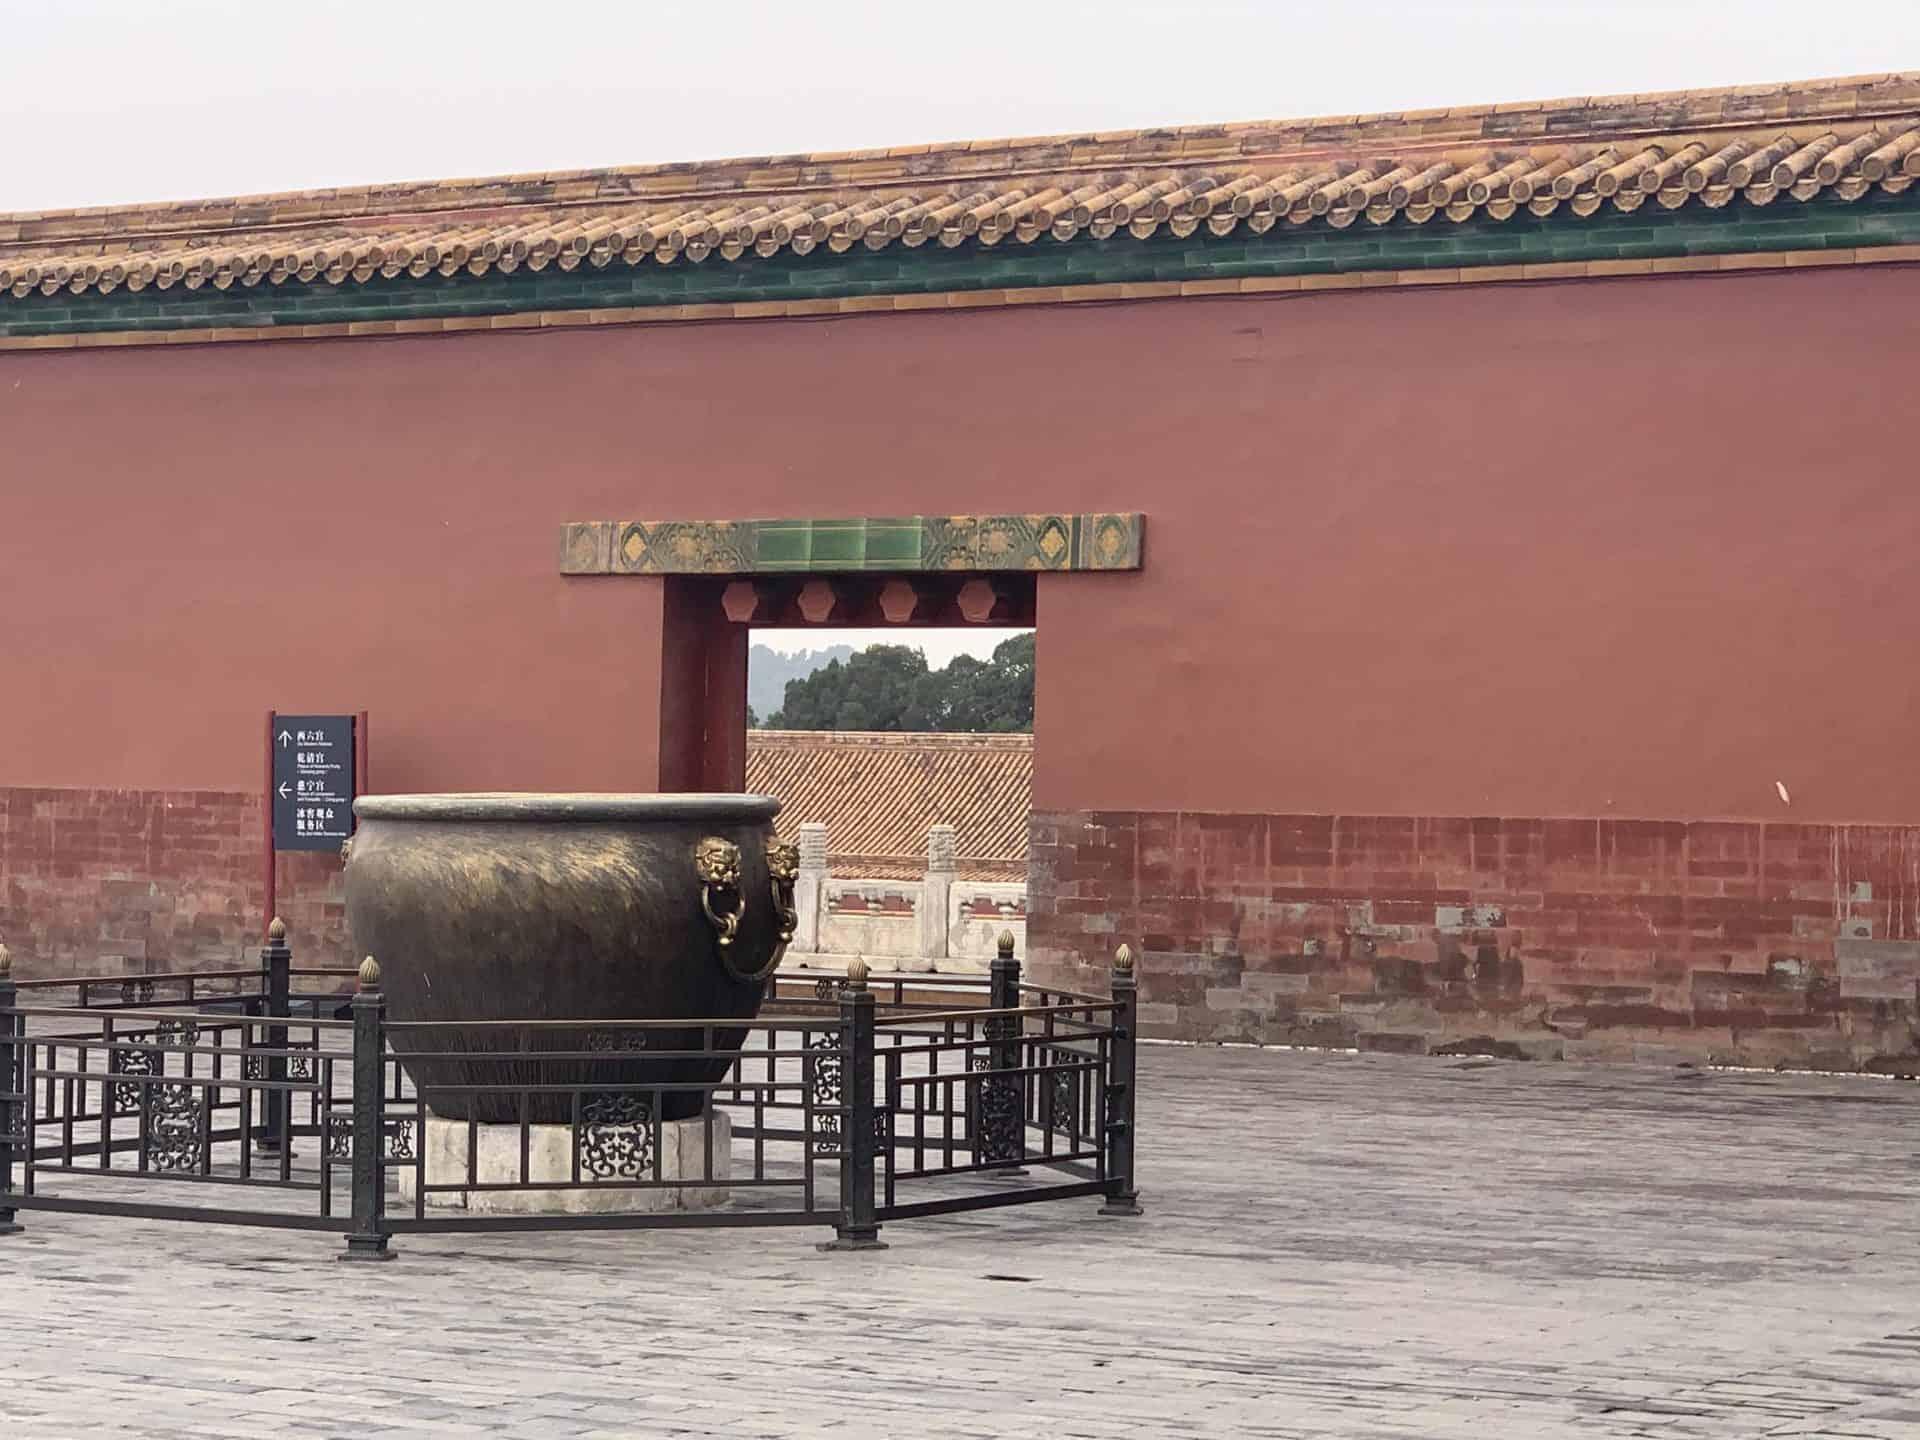 beijingforbiddencity_ProceedingfromTourPoint6toTourPoint7.Part2